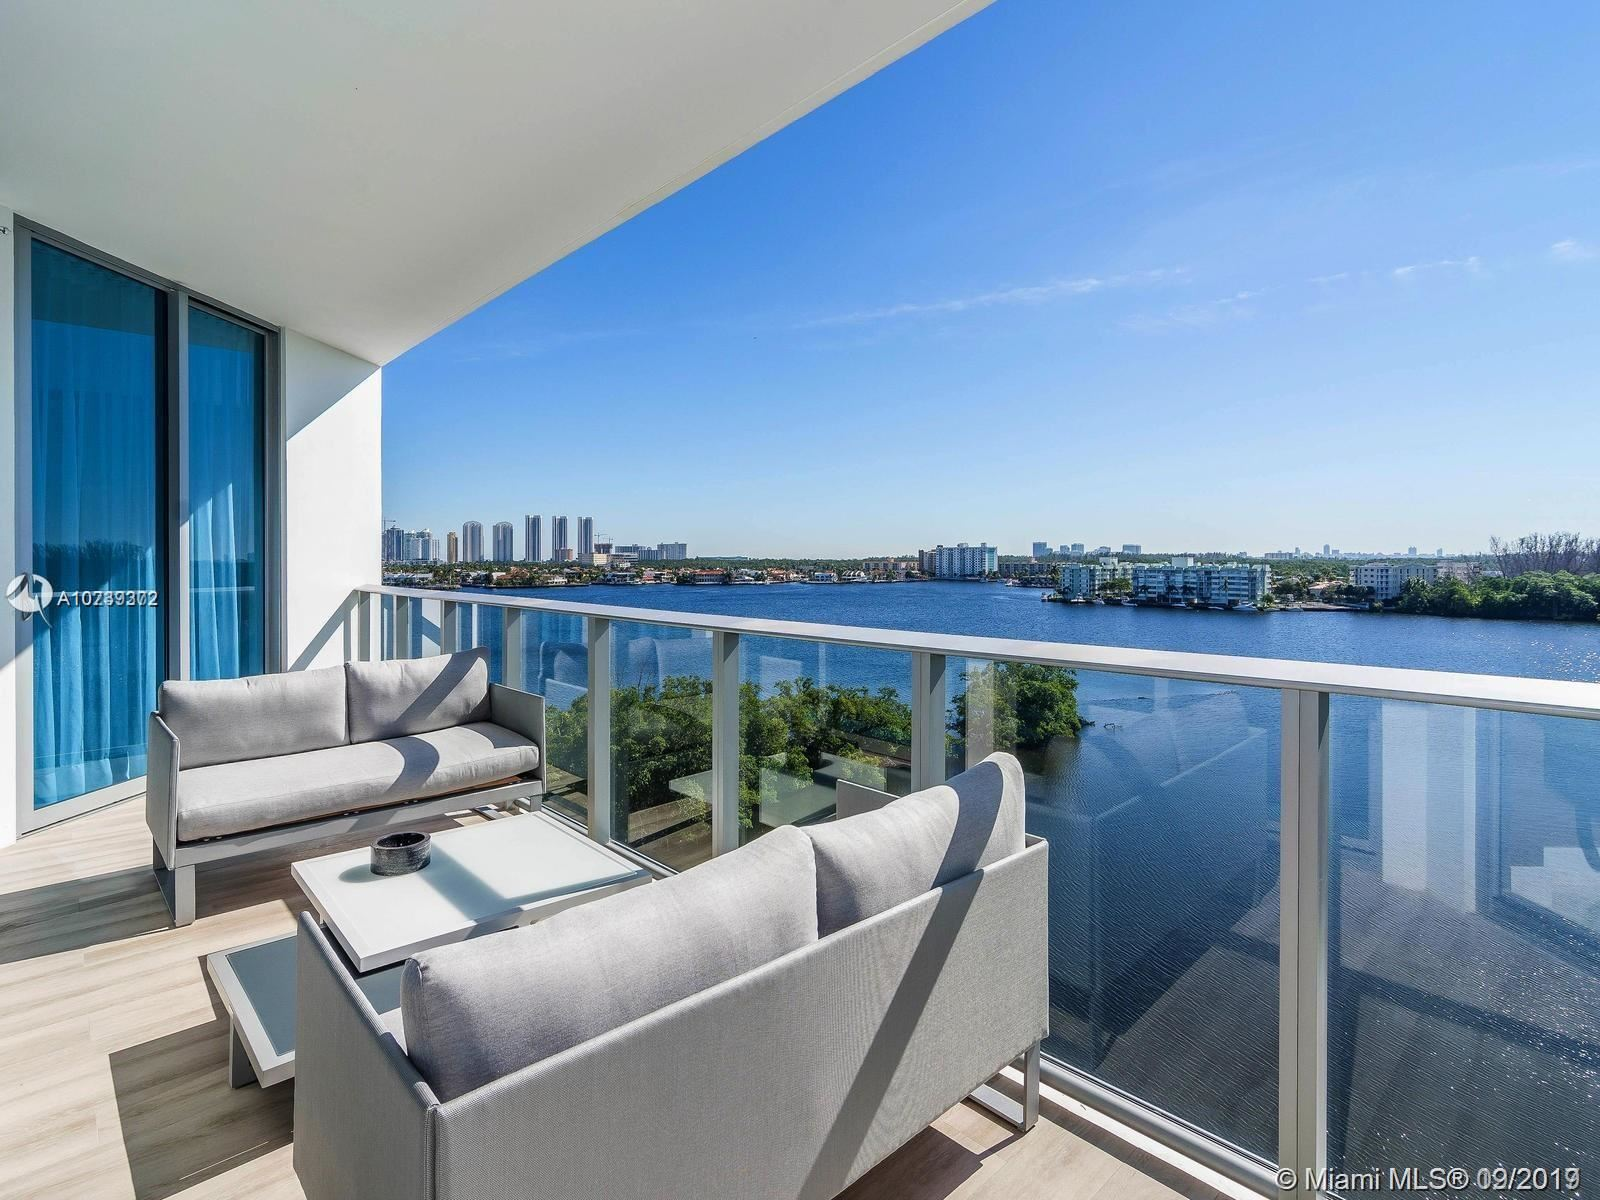 17111 Biscayne Blvd #706, North Miami Beach, FL 33160 - #: A10739372